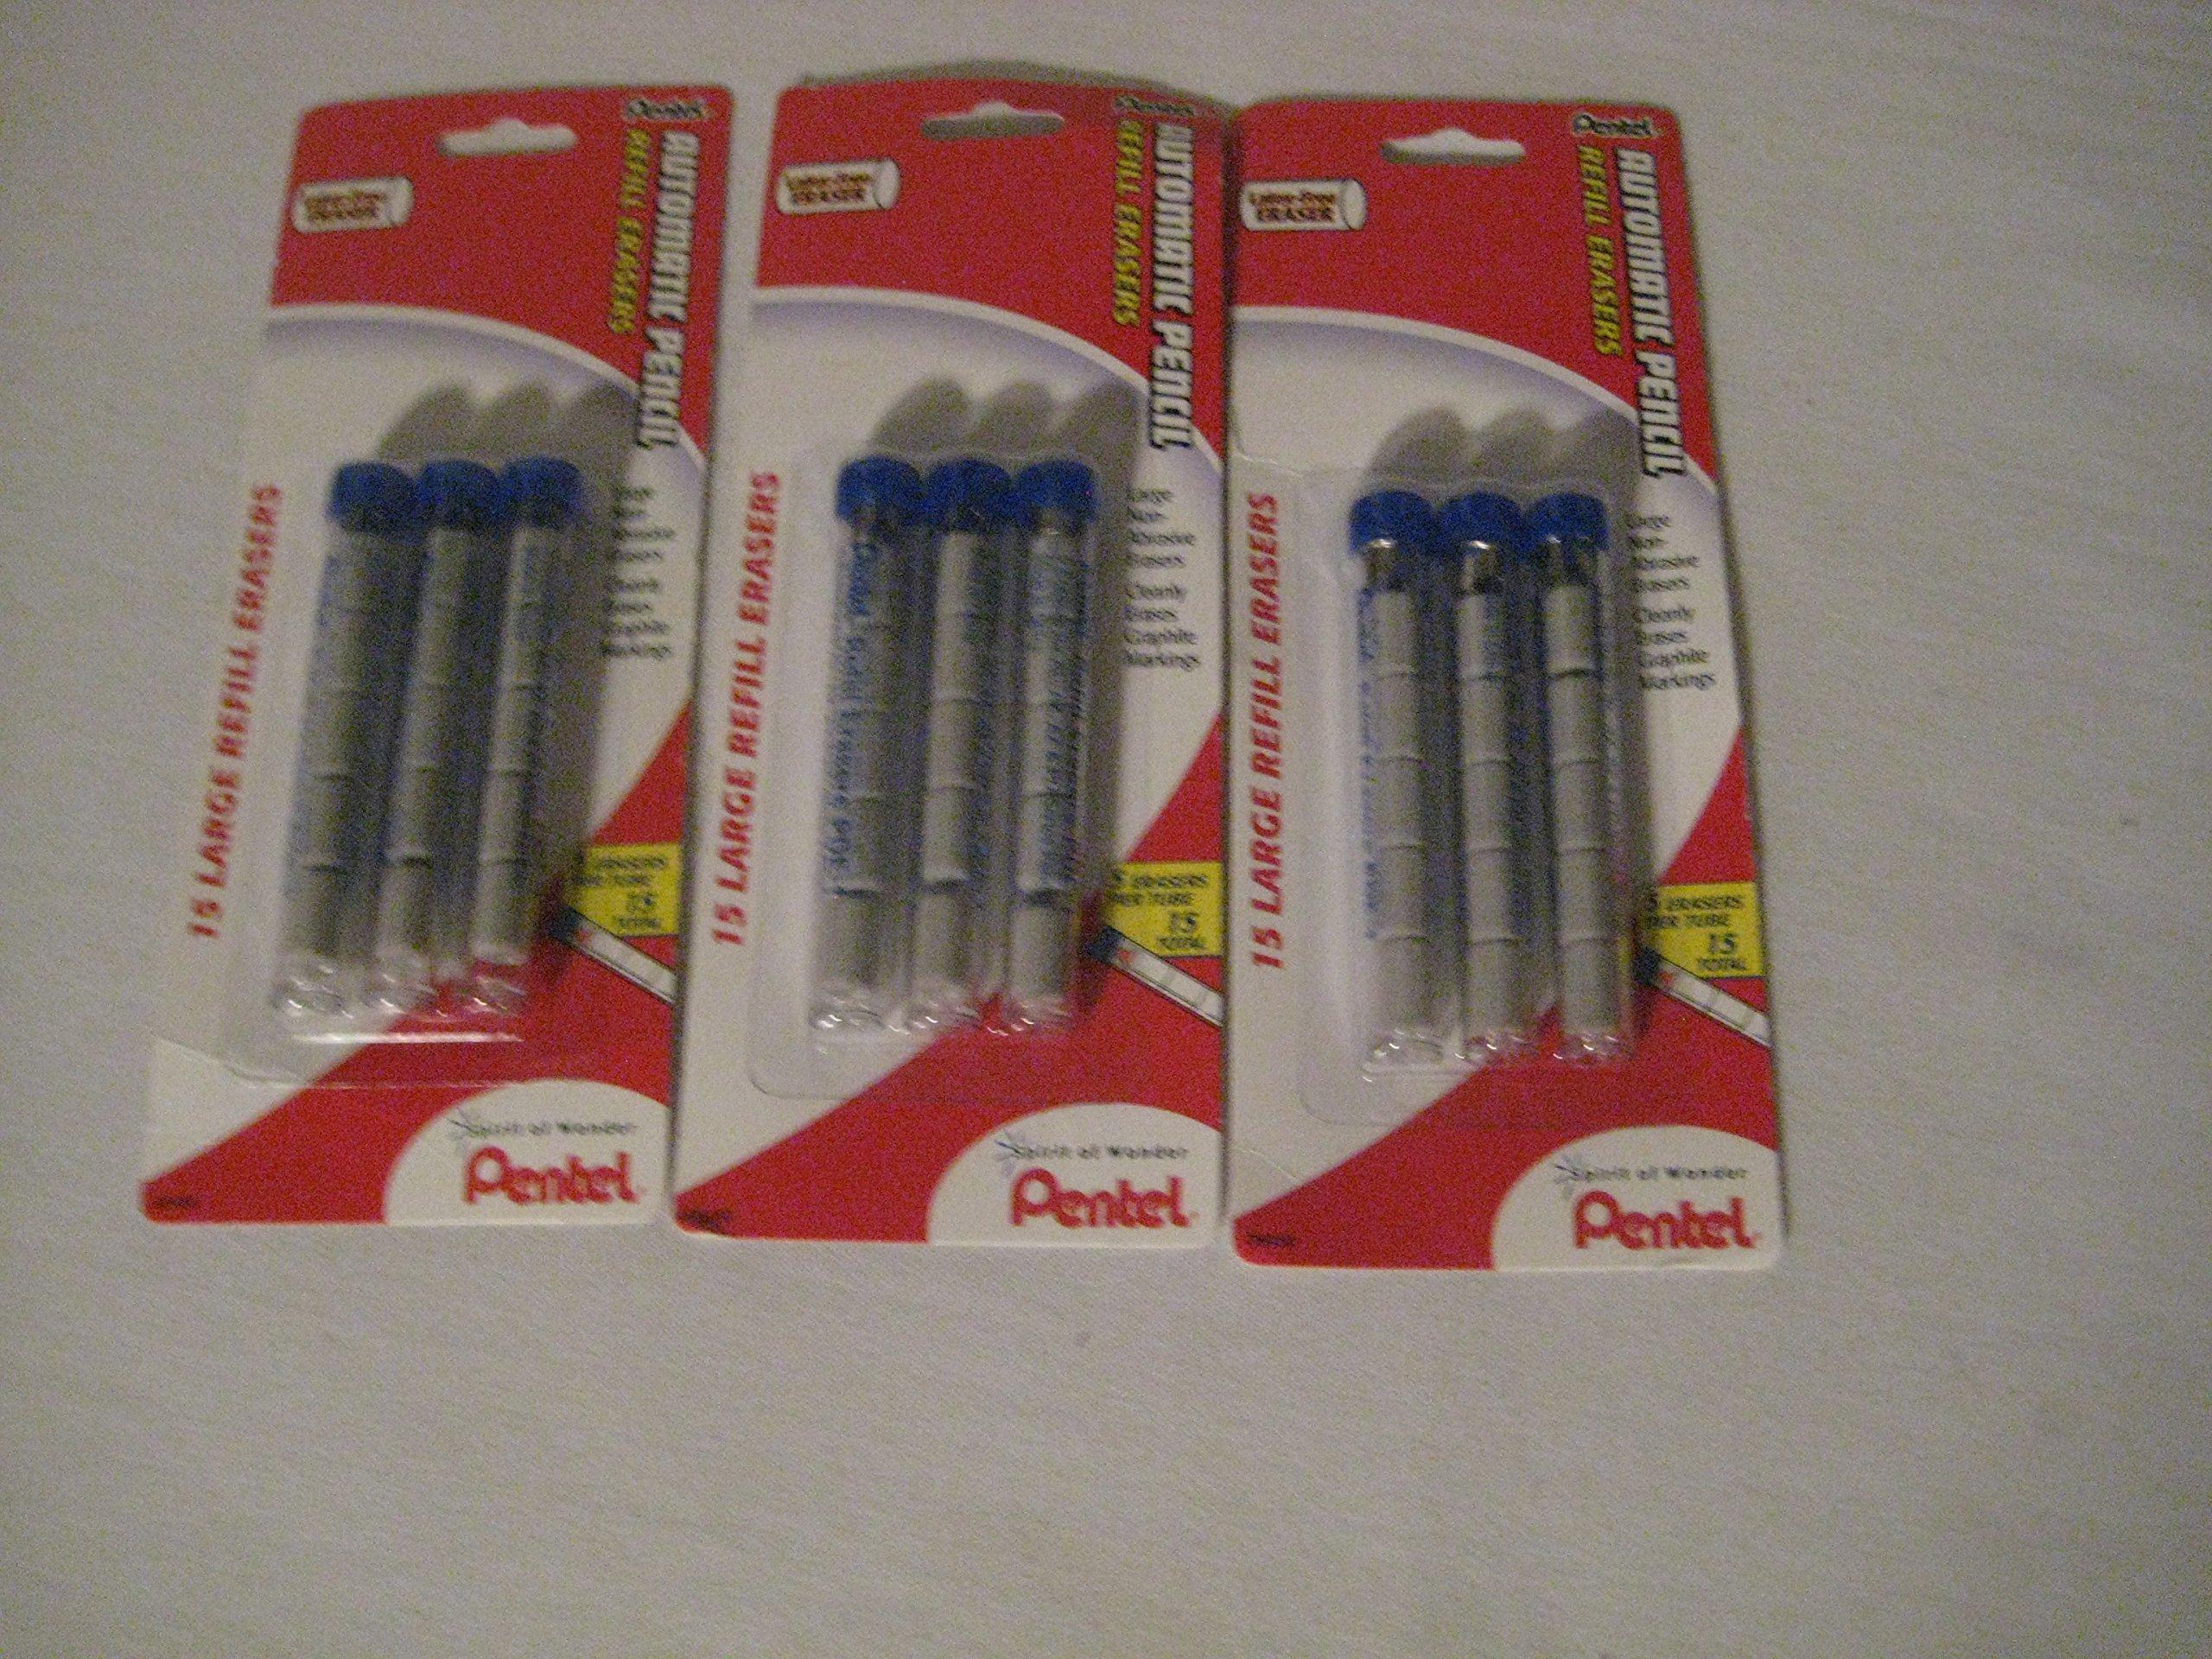 Pentel (R) Quicker Clicker Eraser Refills (3 pack) by Pentel (Image #1)